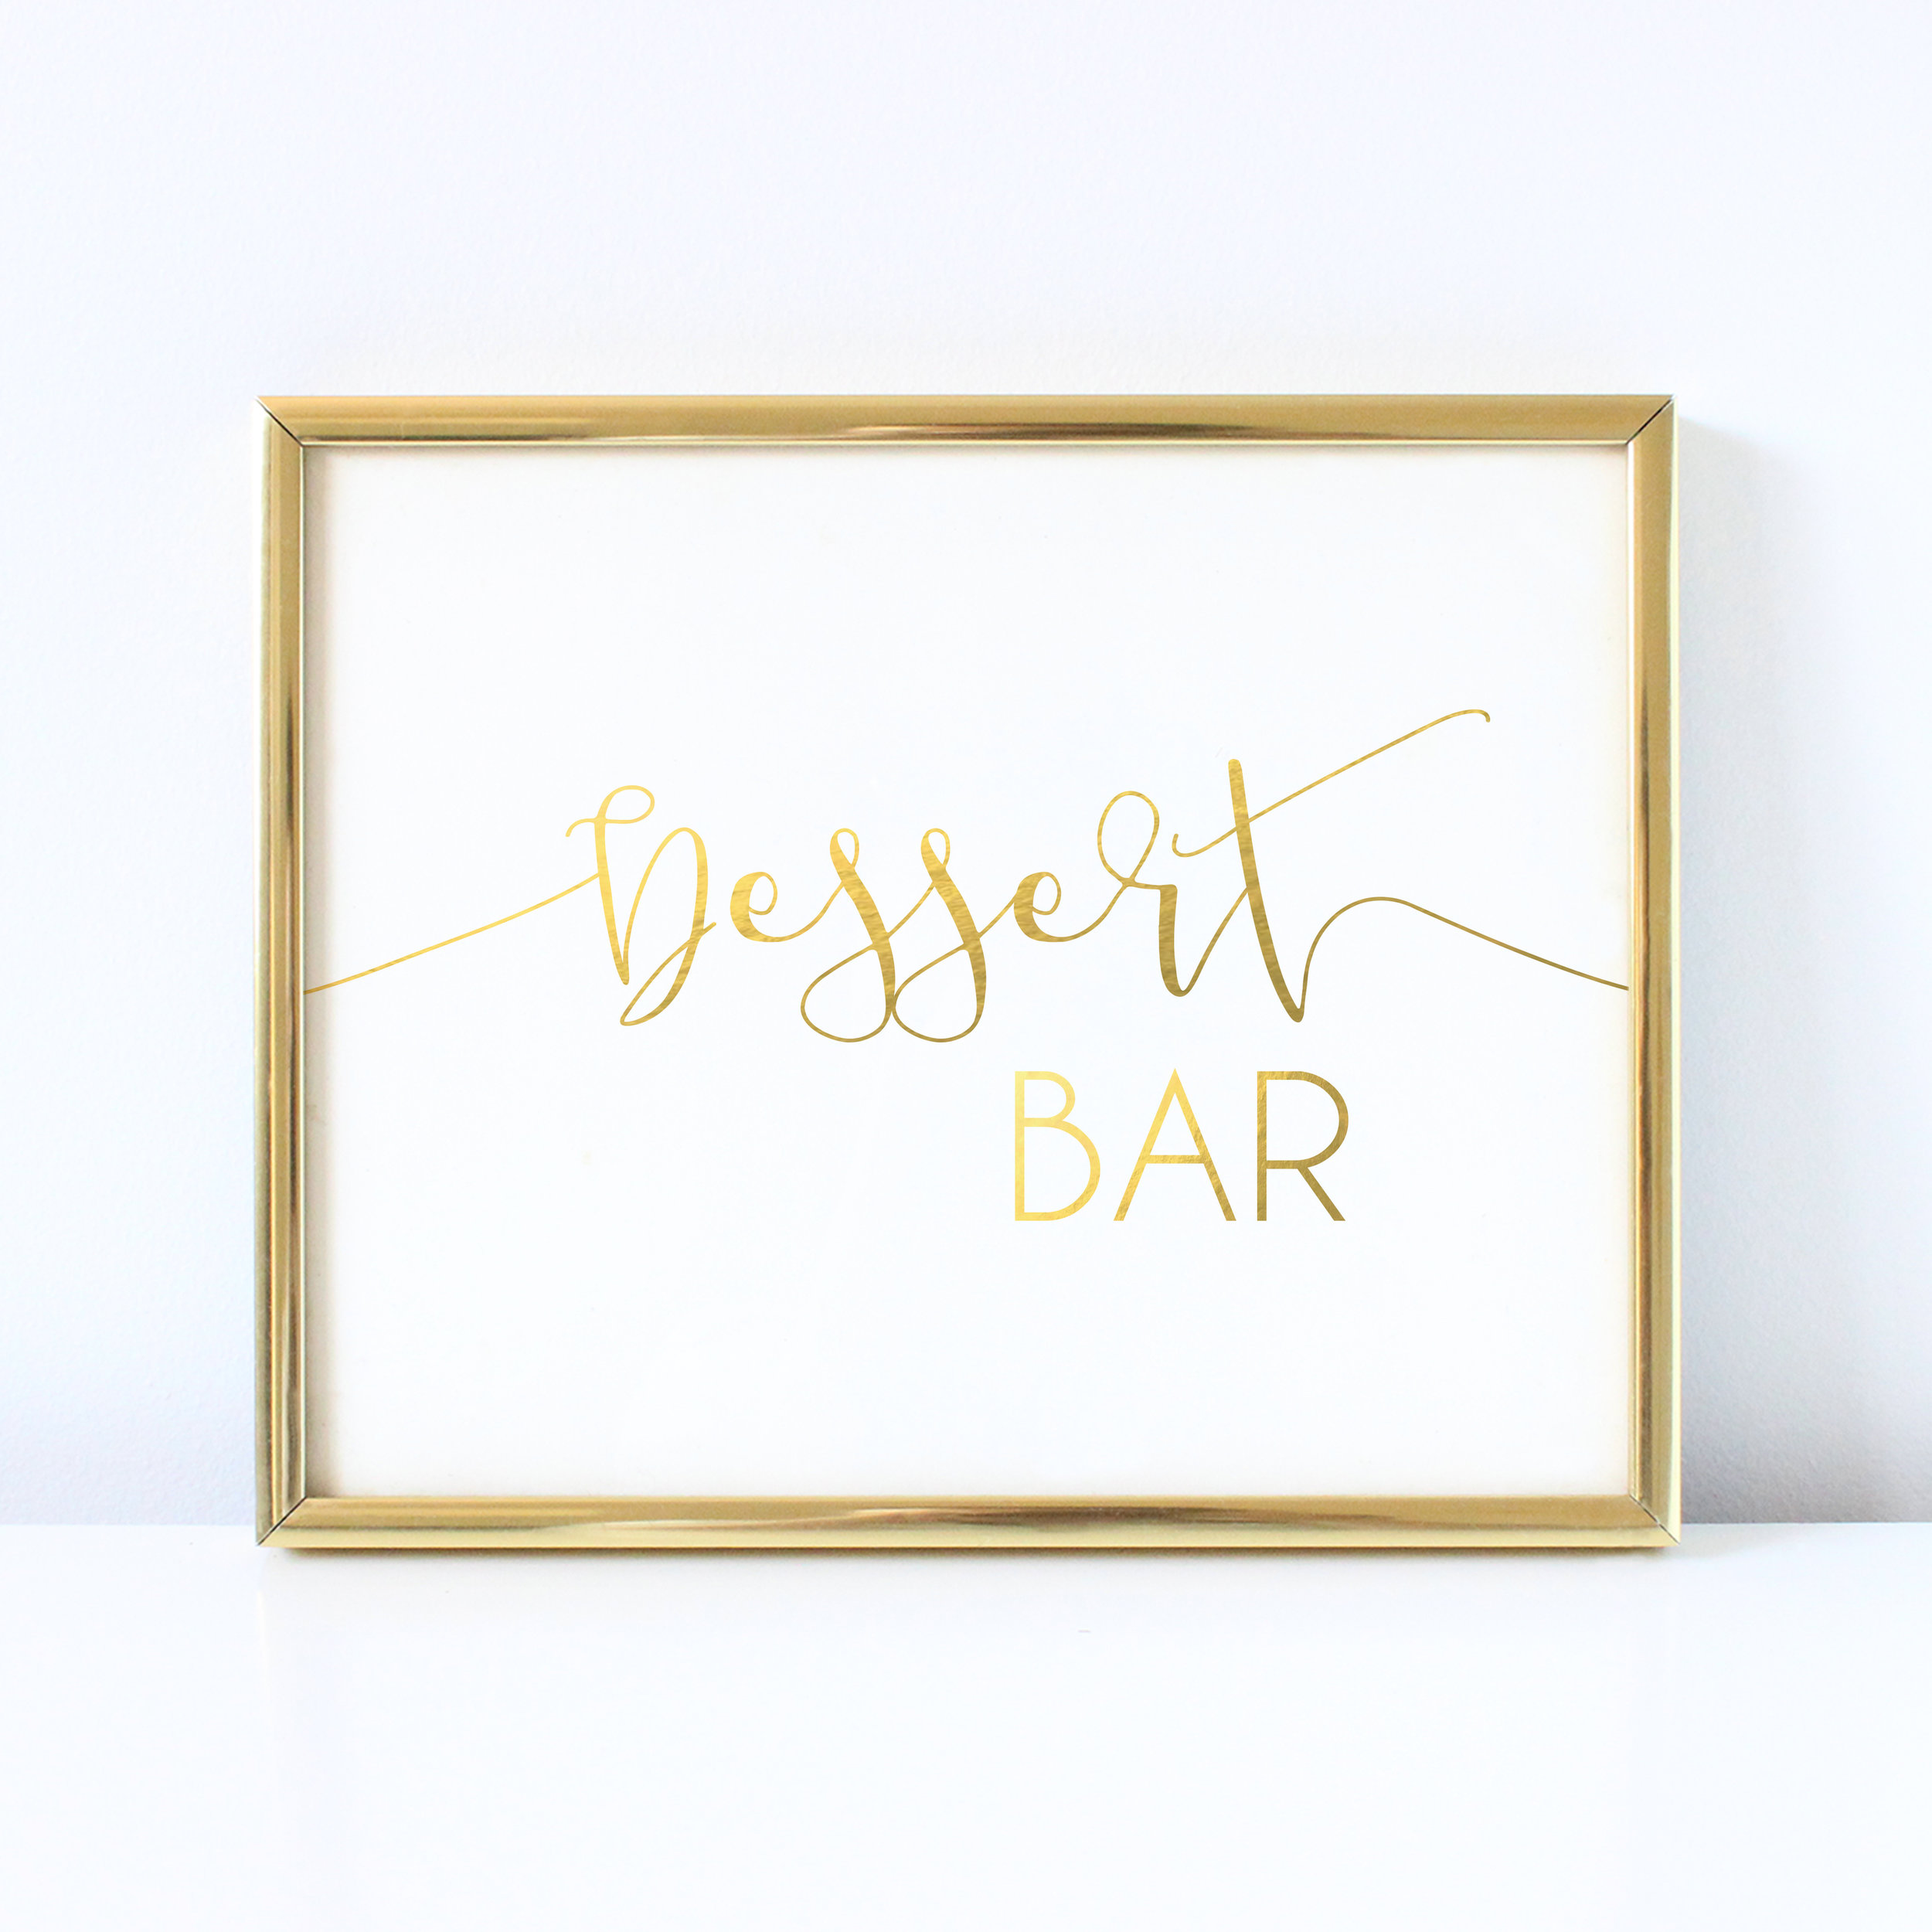 DessertBar.jpg